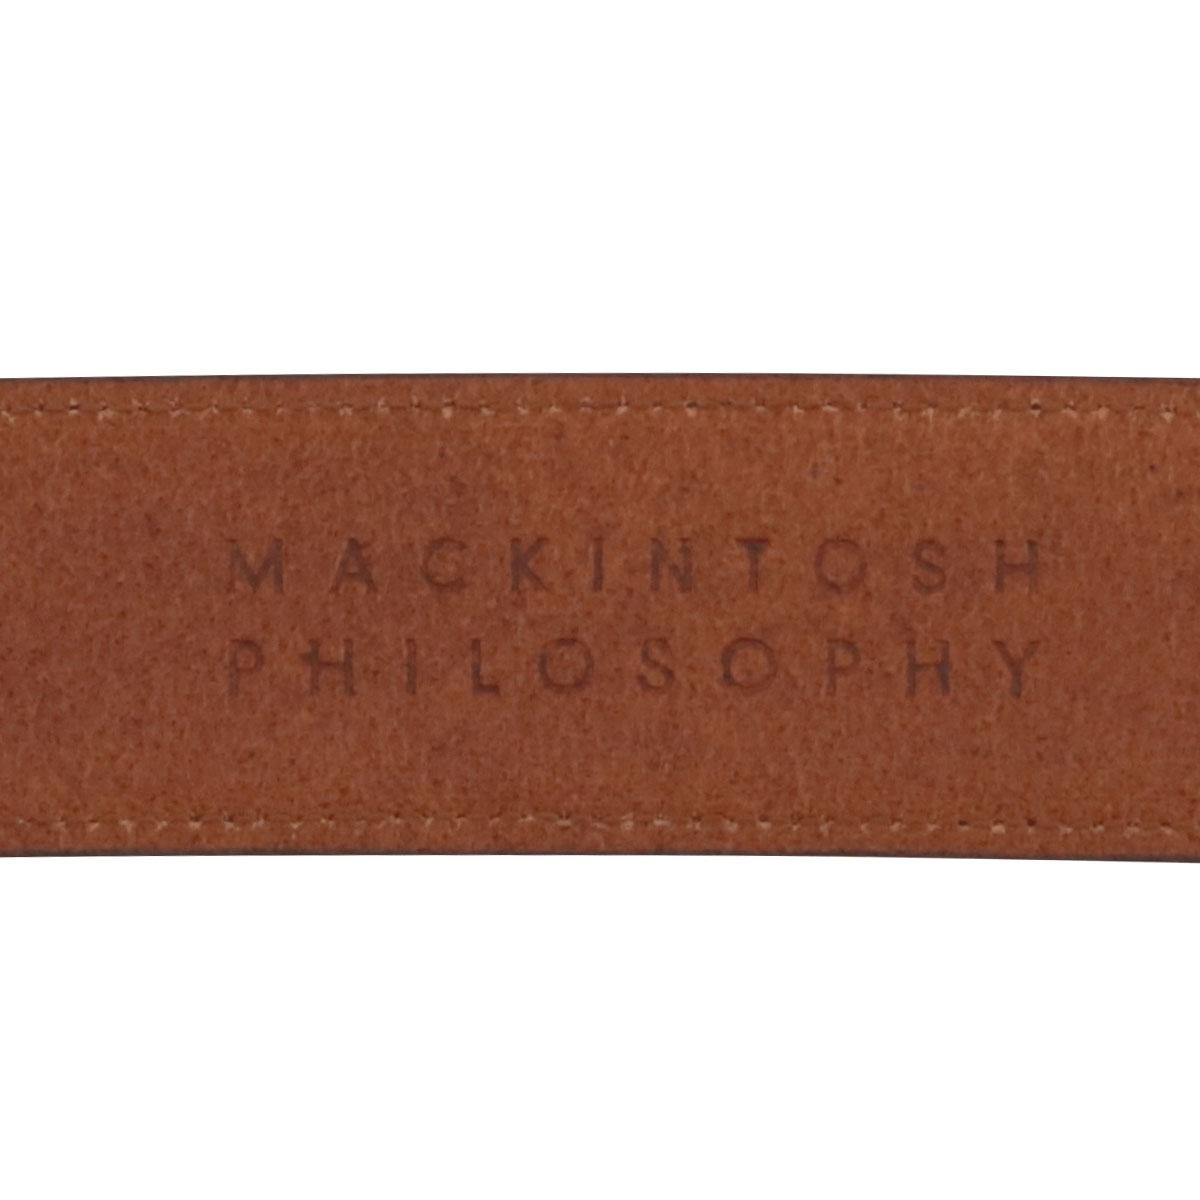 マッキントッシュフィロソフィー ベルト メンズ 日本製 8080118 MACKINTOSH PHILOSOPHY 牛革 本革 レザー ブランドブランド専用BOX付き befPO10即日発送xWQrCodBe